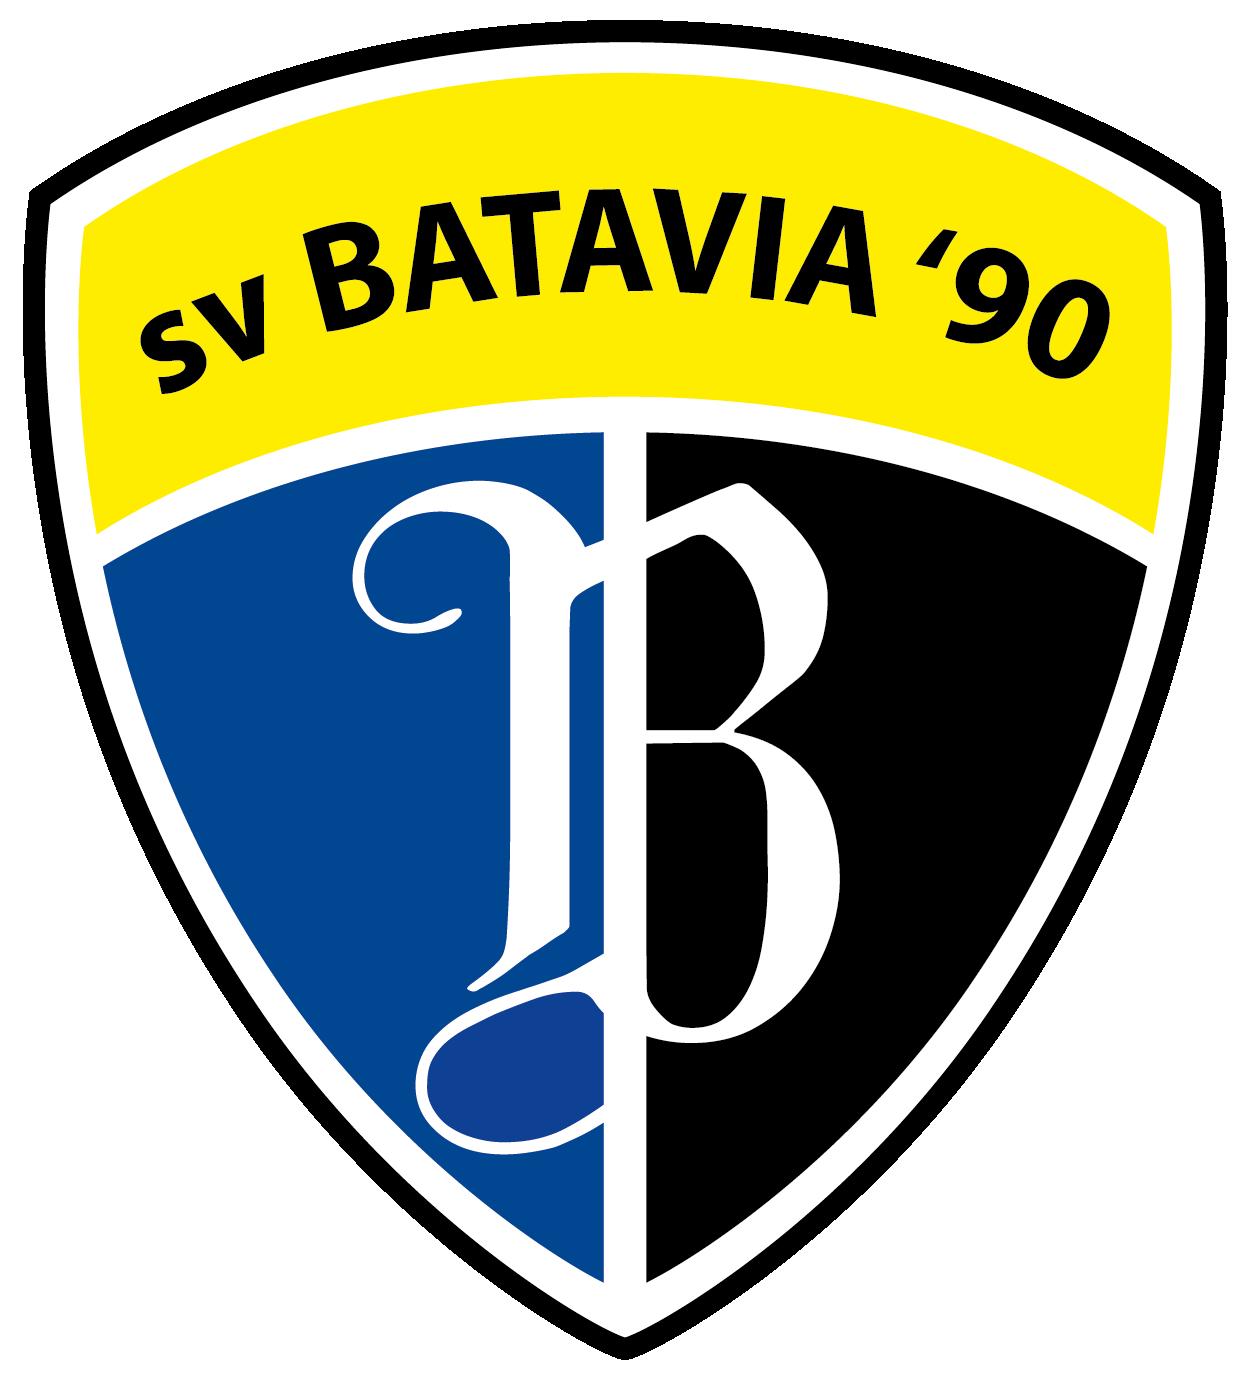 svBatavia90_Logo_2021